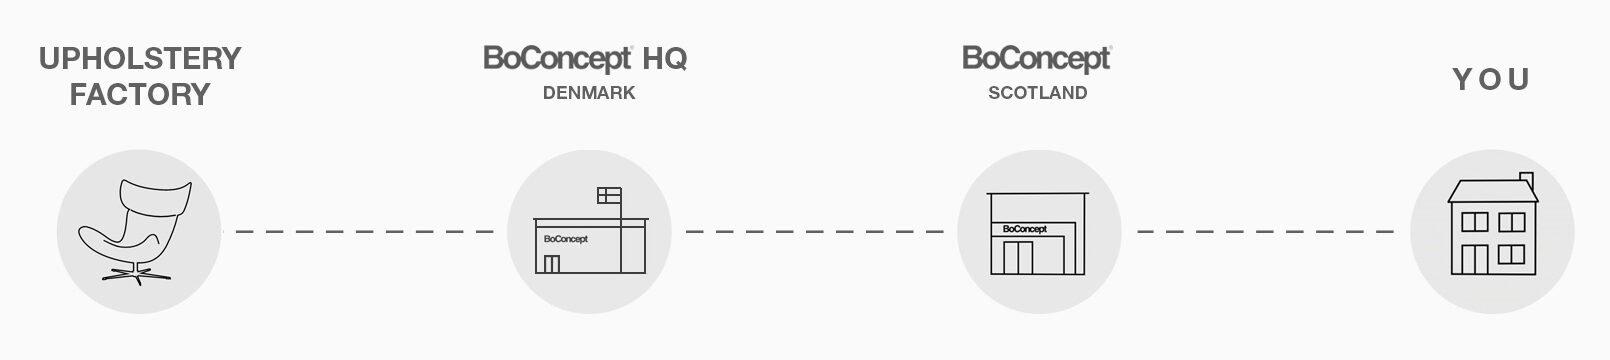 Order Journey Diagram_FAFAFA